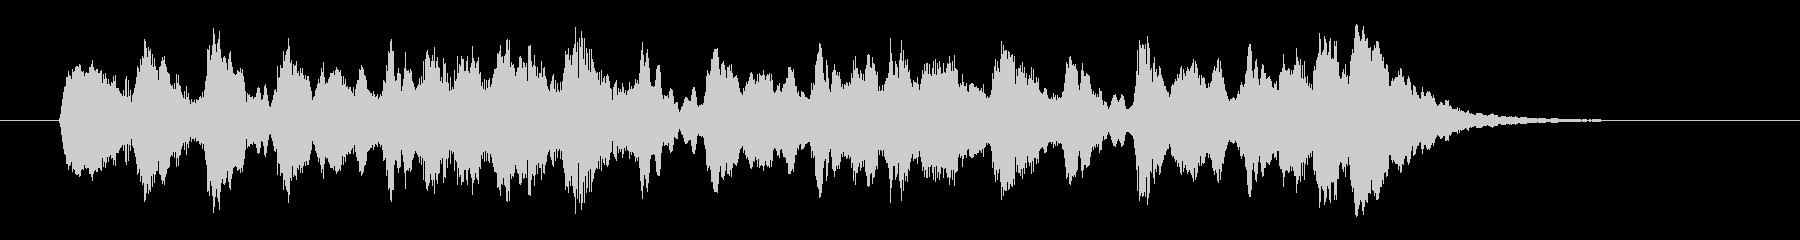 コーラス・サンプリングのメロディーの未再生の波形